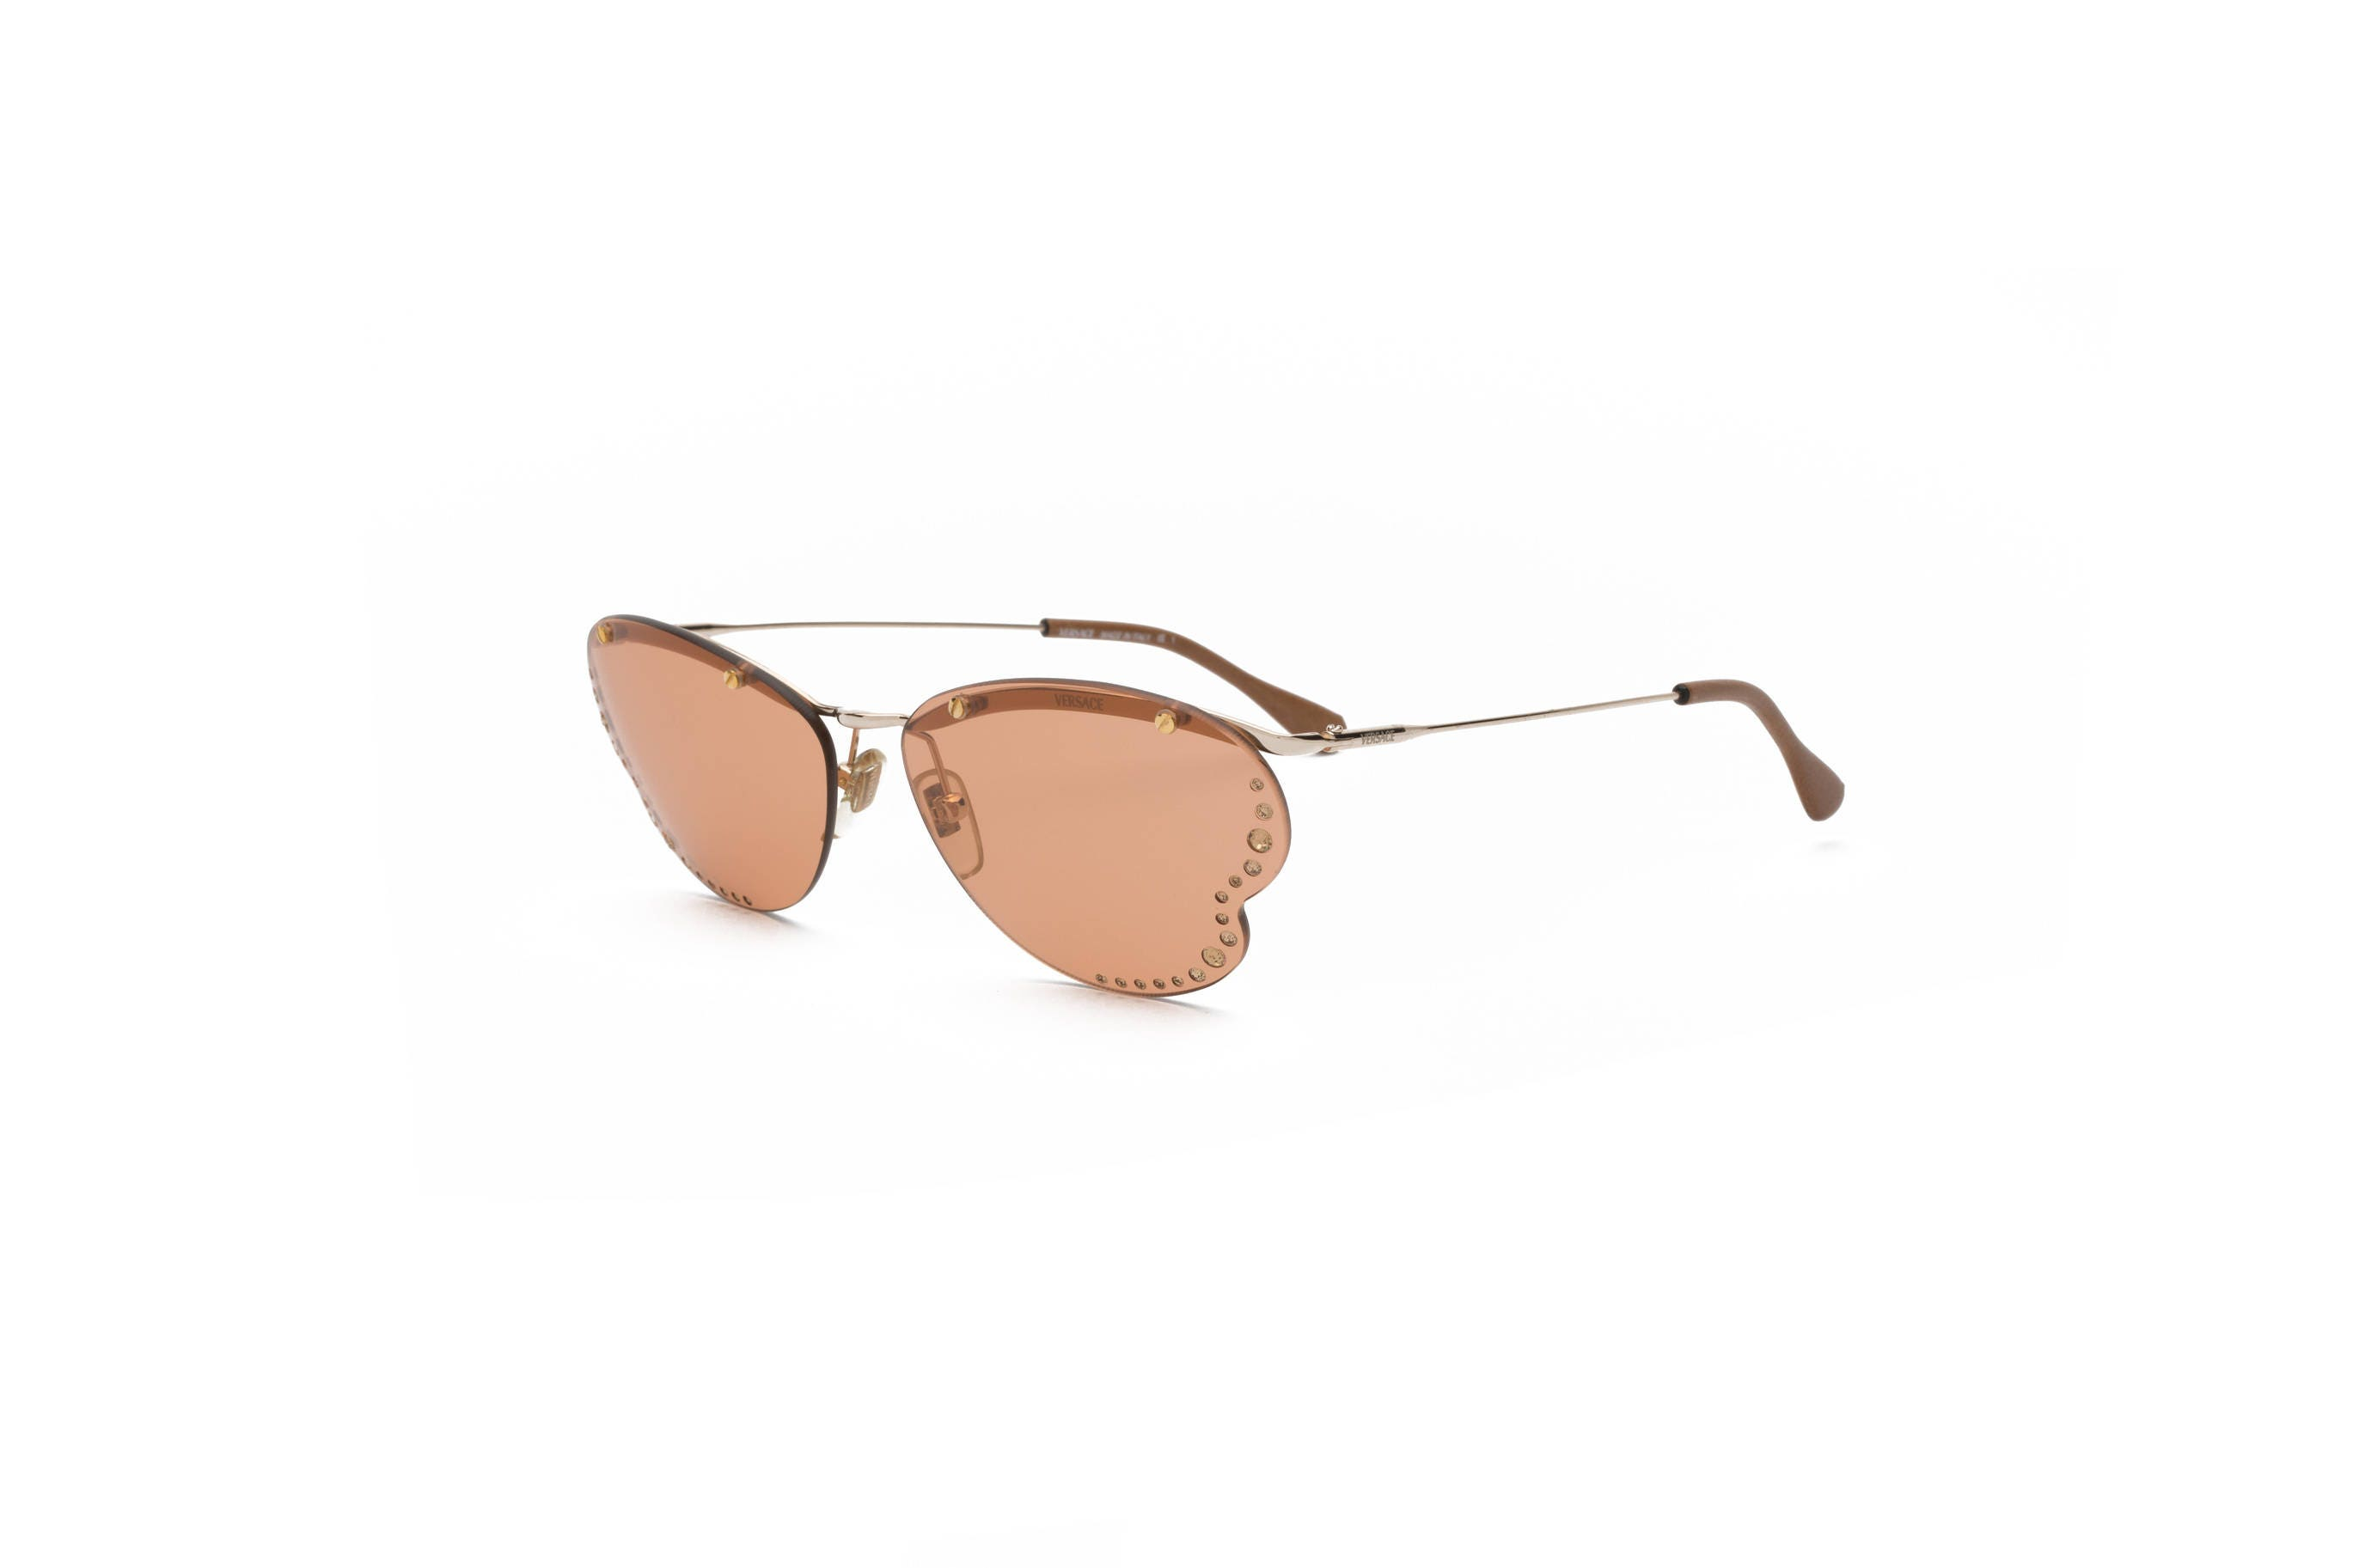 Gianni Versace X60/P 030/492 Vintage Sonnenbrille Versace | Etsy